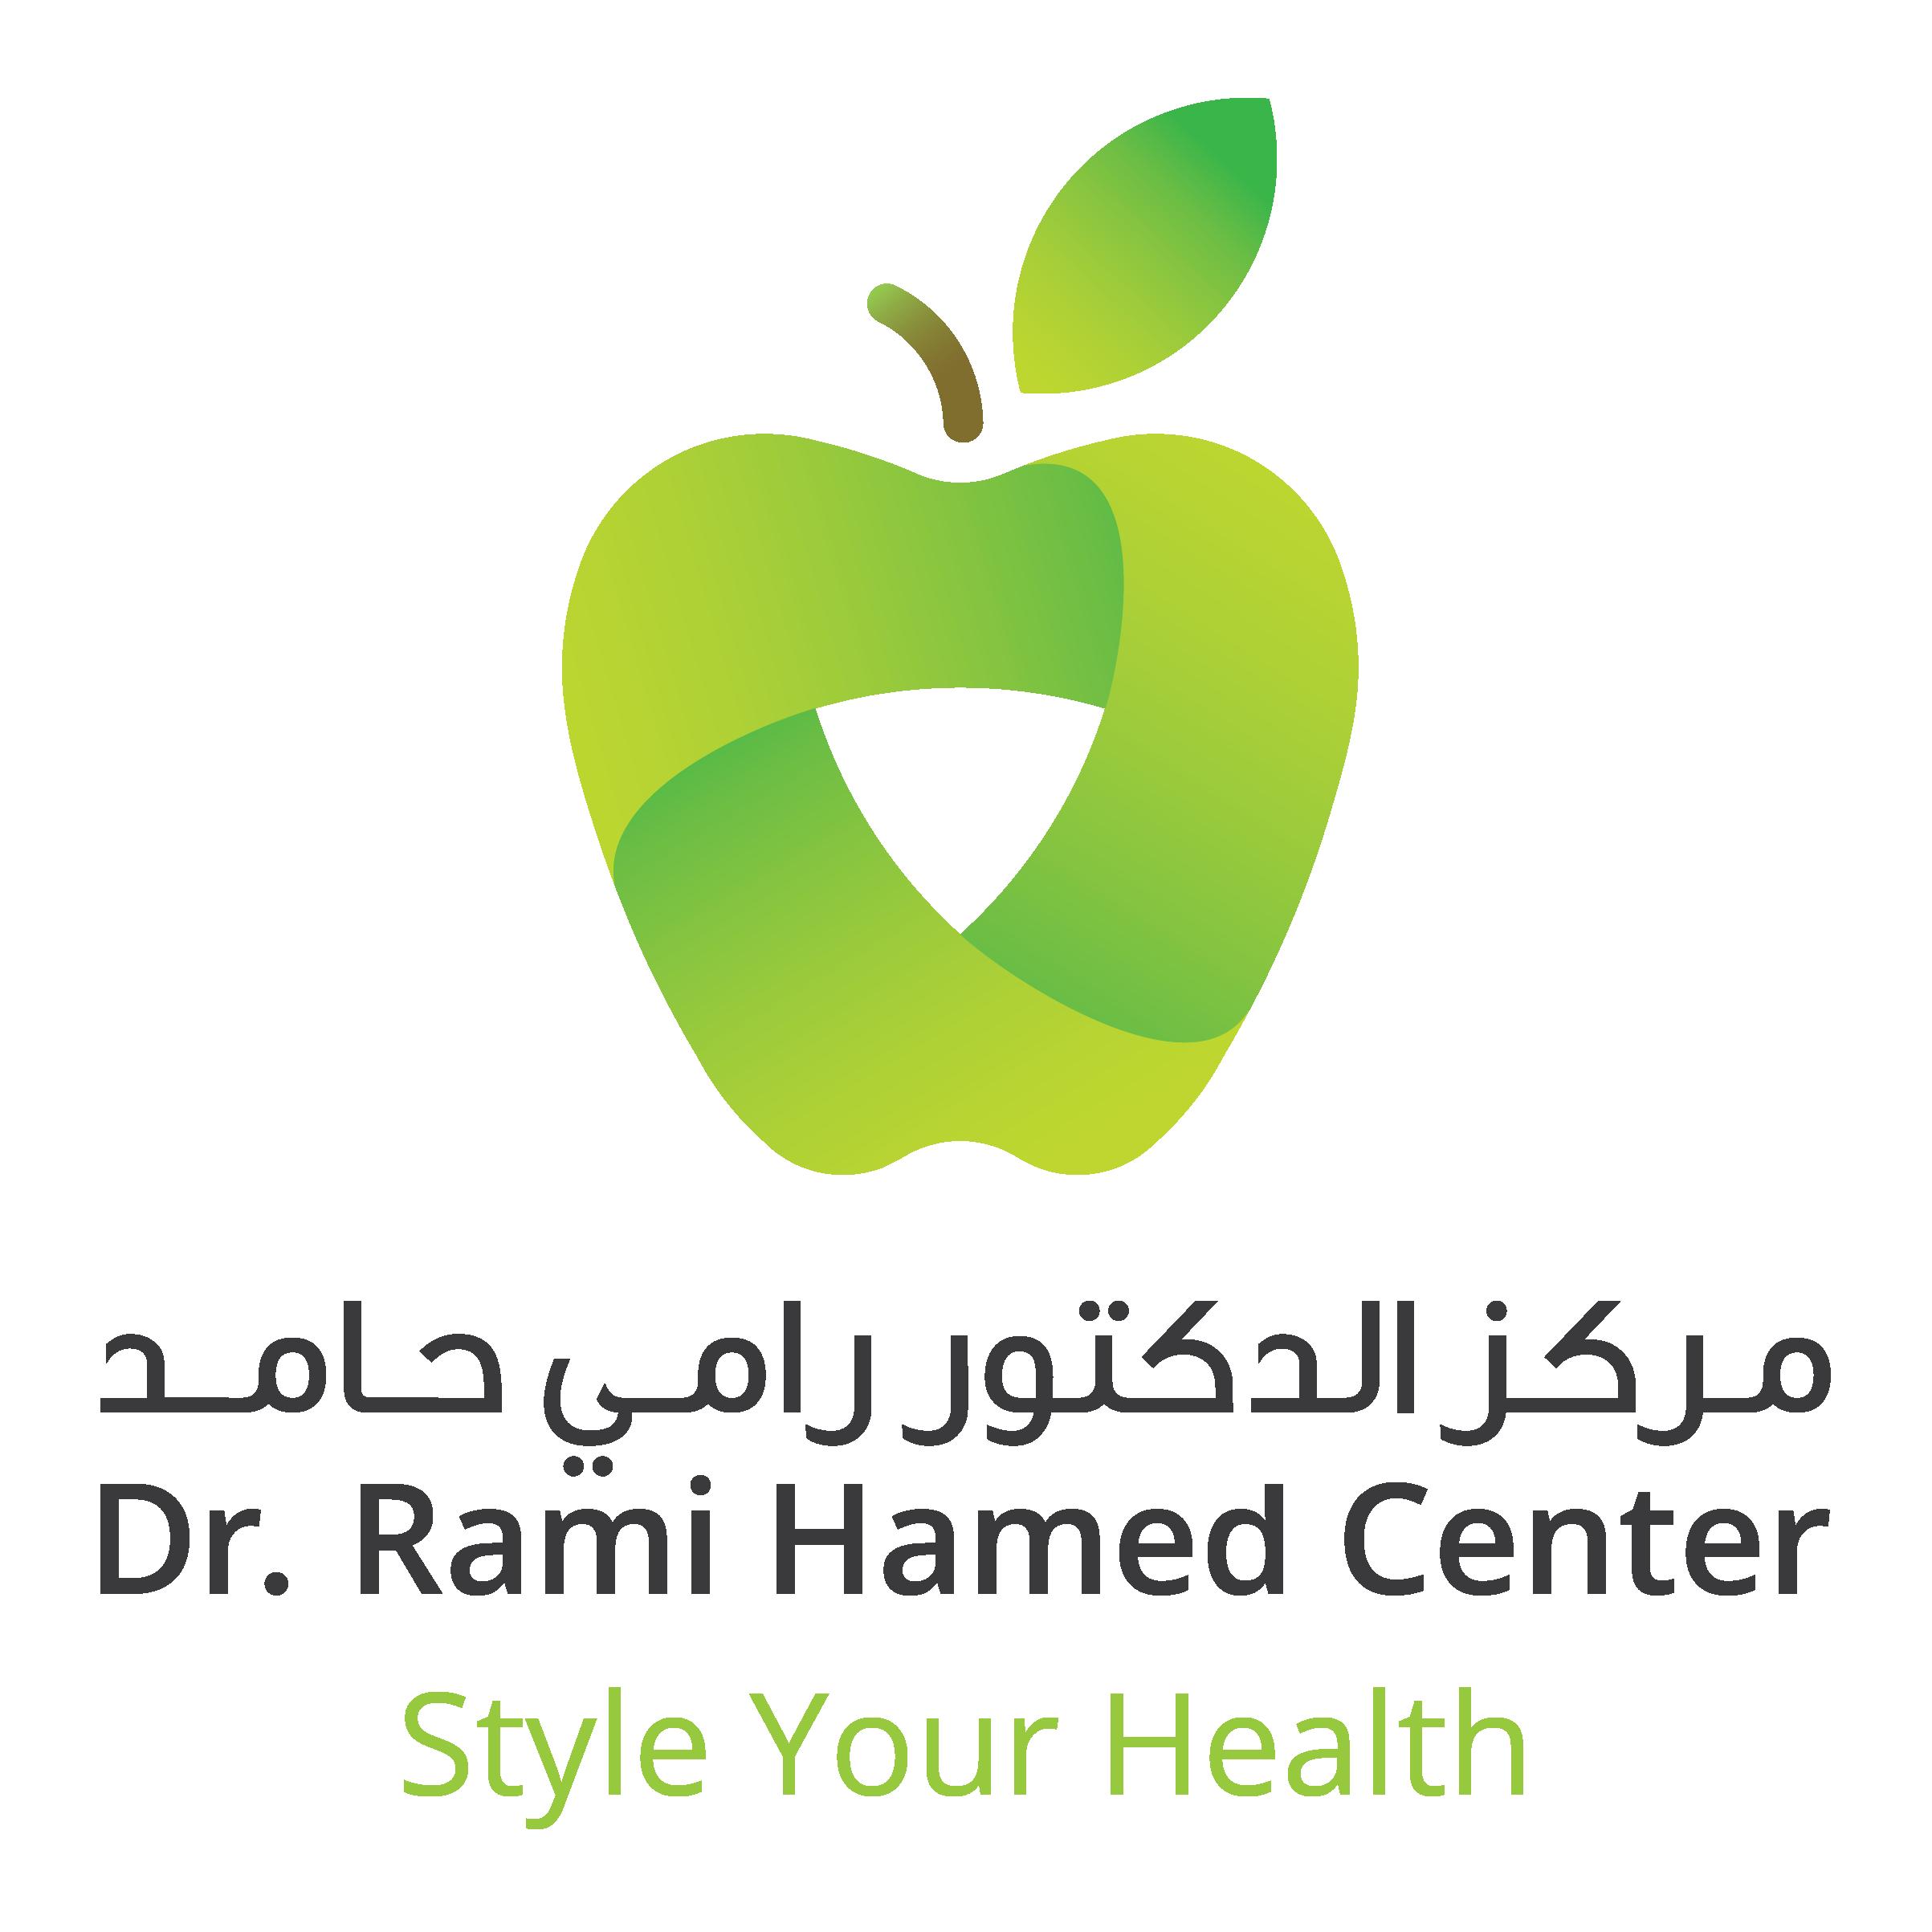 New Logo Dr. Rami Hamed Center 2017-02.png